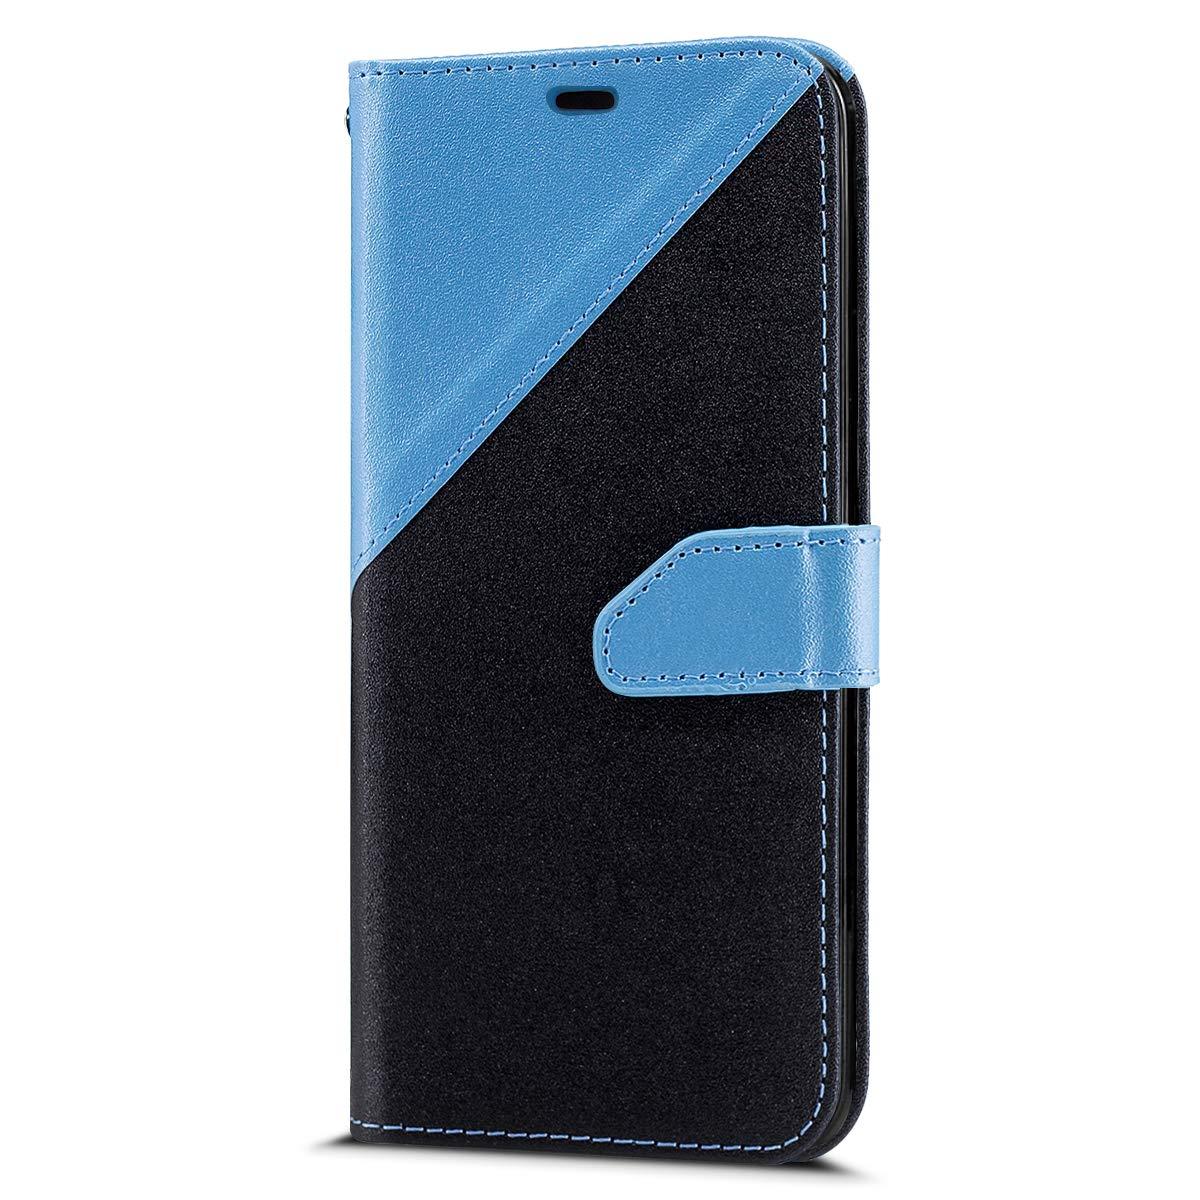 Felfy Coque Huawei Honor 9 Lite,Housse Huawei Honor 9 Lite /Étui en Cuir Flip Premium PU Housse Coque de t/él/éphone en Cuir Couverture Smartphone Poches Portefeuille Case Cover Bumper,Bleu